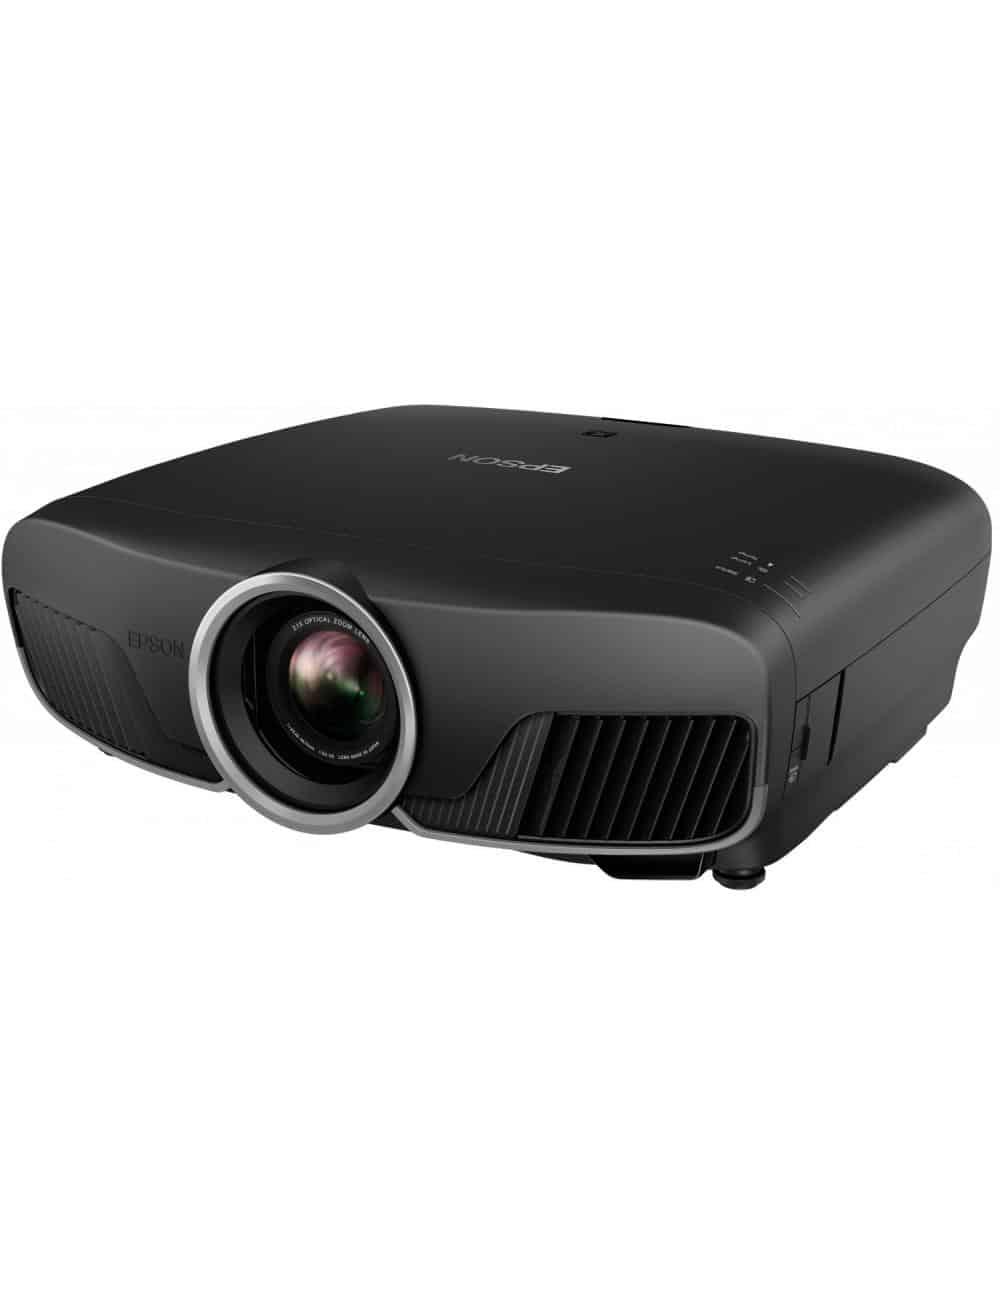 Proiettore UHD HDR per Home Cinema, Epson EH-TW9400, finitura black, vista destra